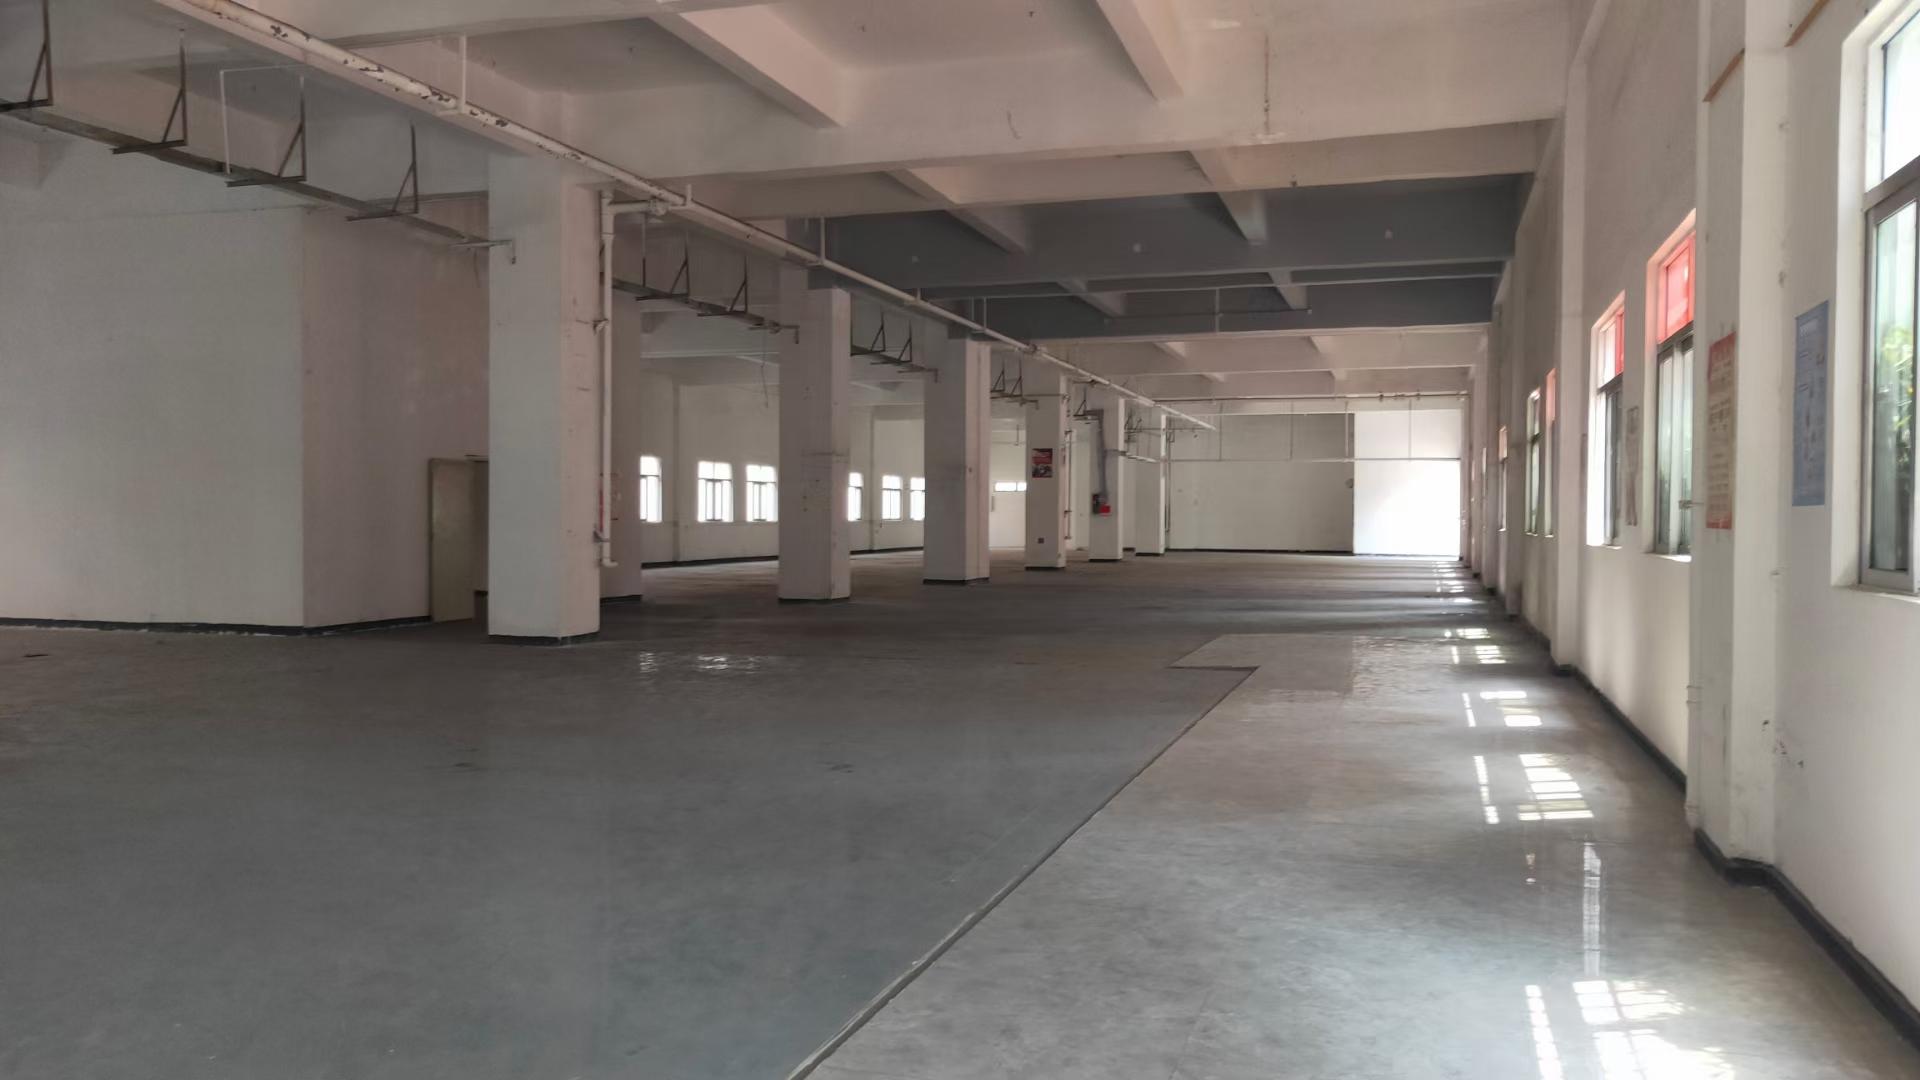 西乡宝田1500平一楼适合电商仓库物流厂房出租